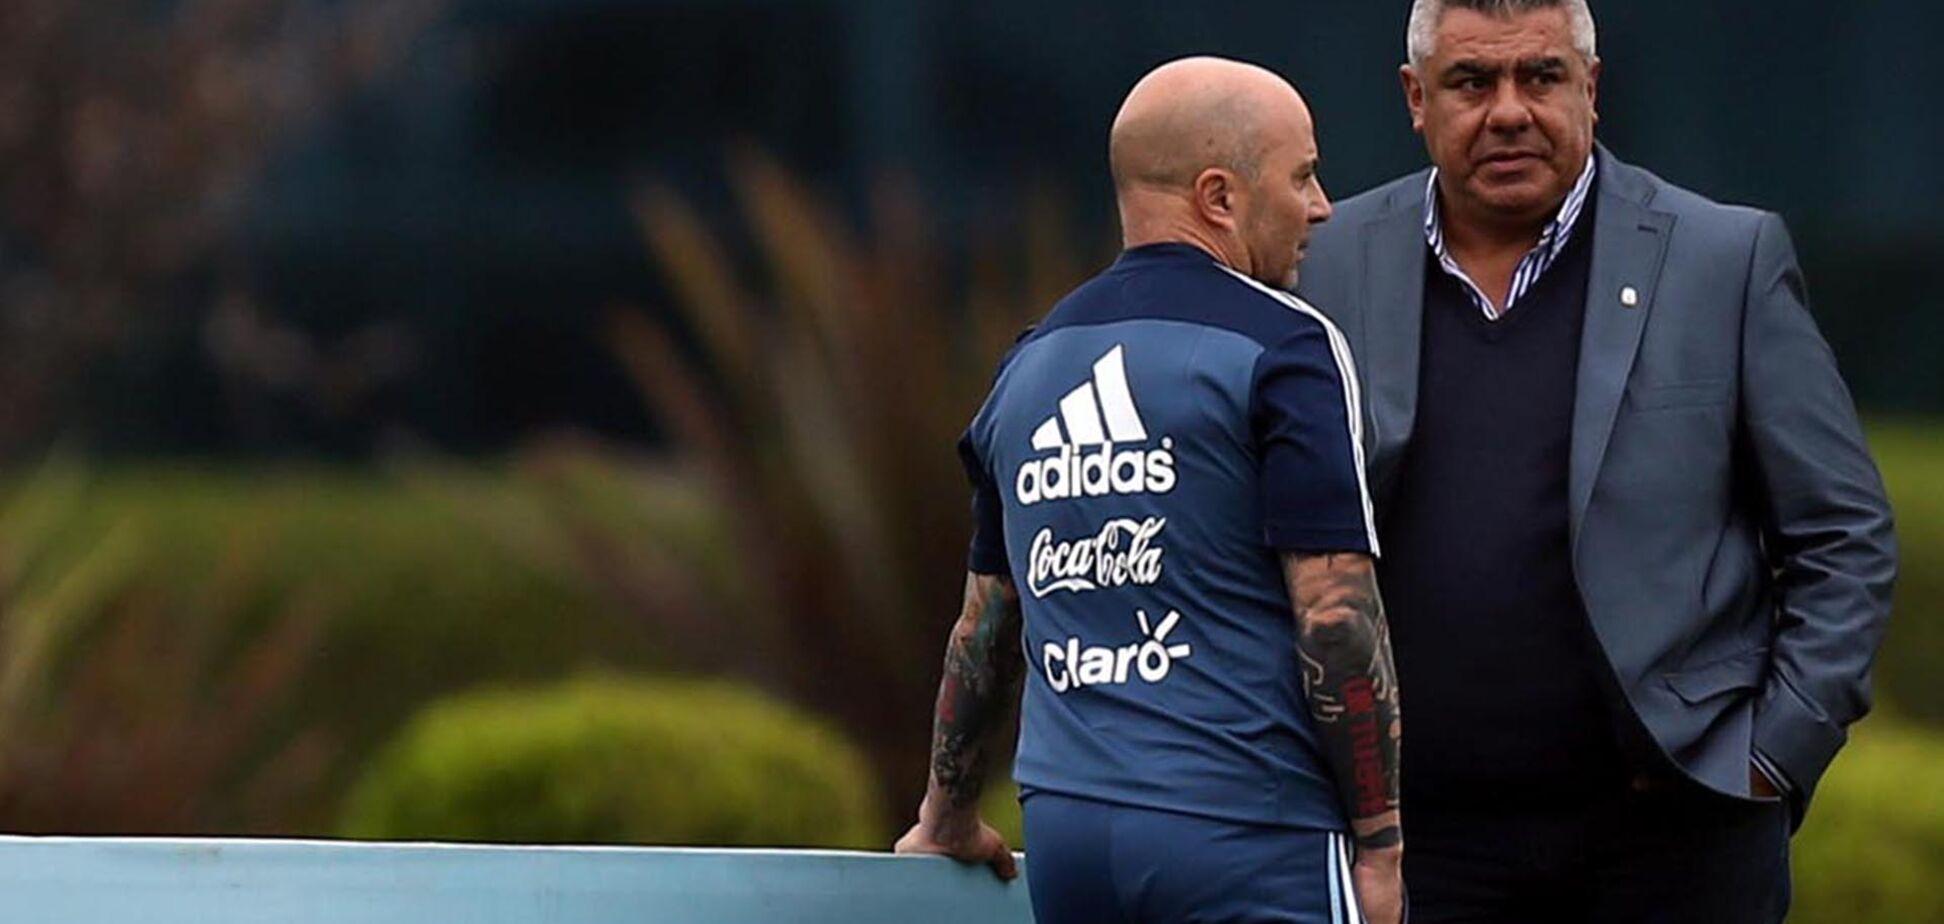 Тренер сборной Аргентины угодил в секс-скандал перед ЧМ-2018